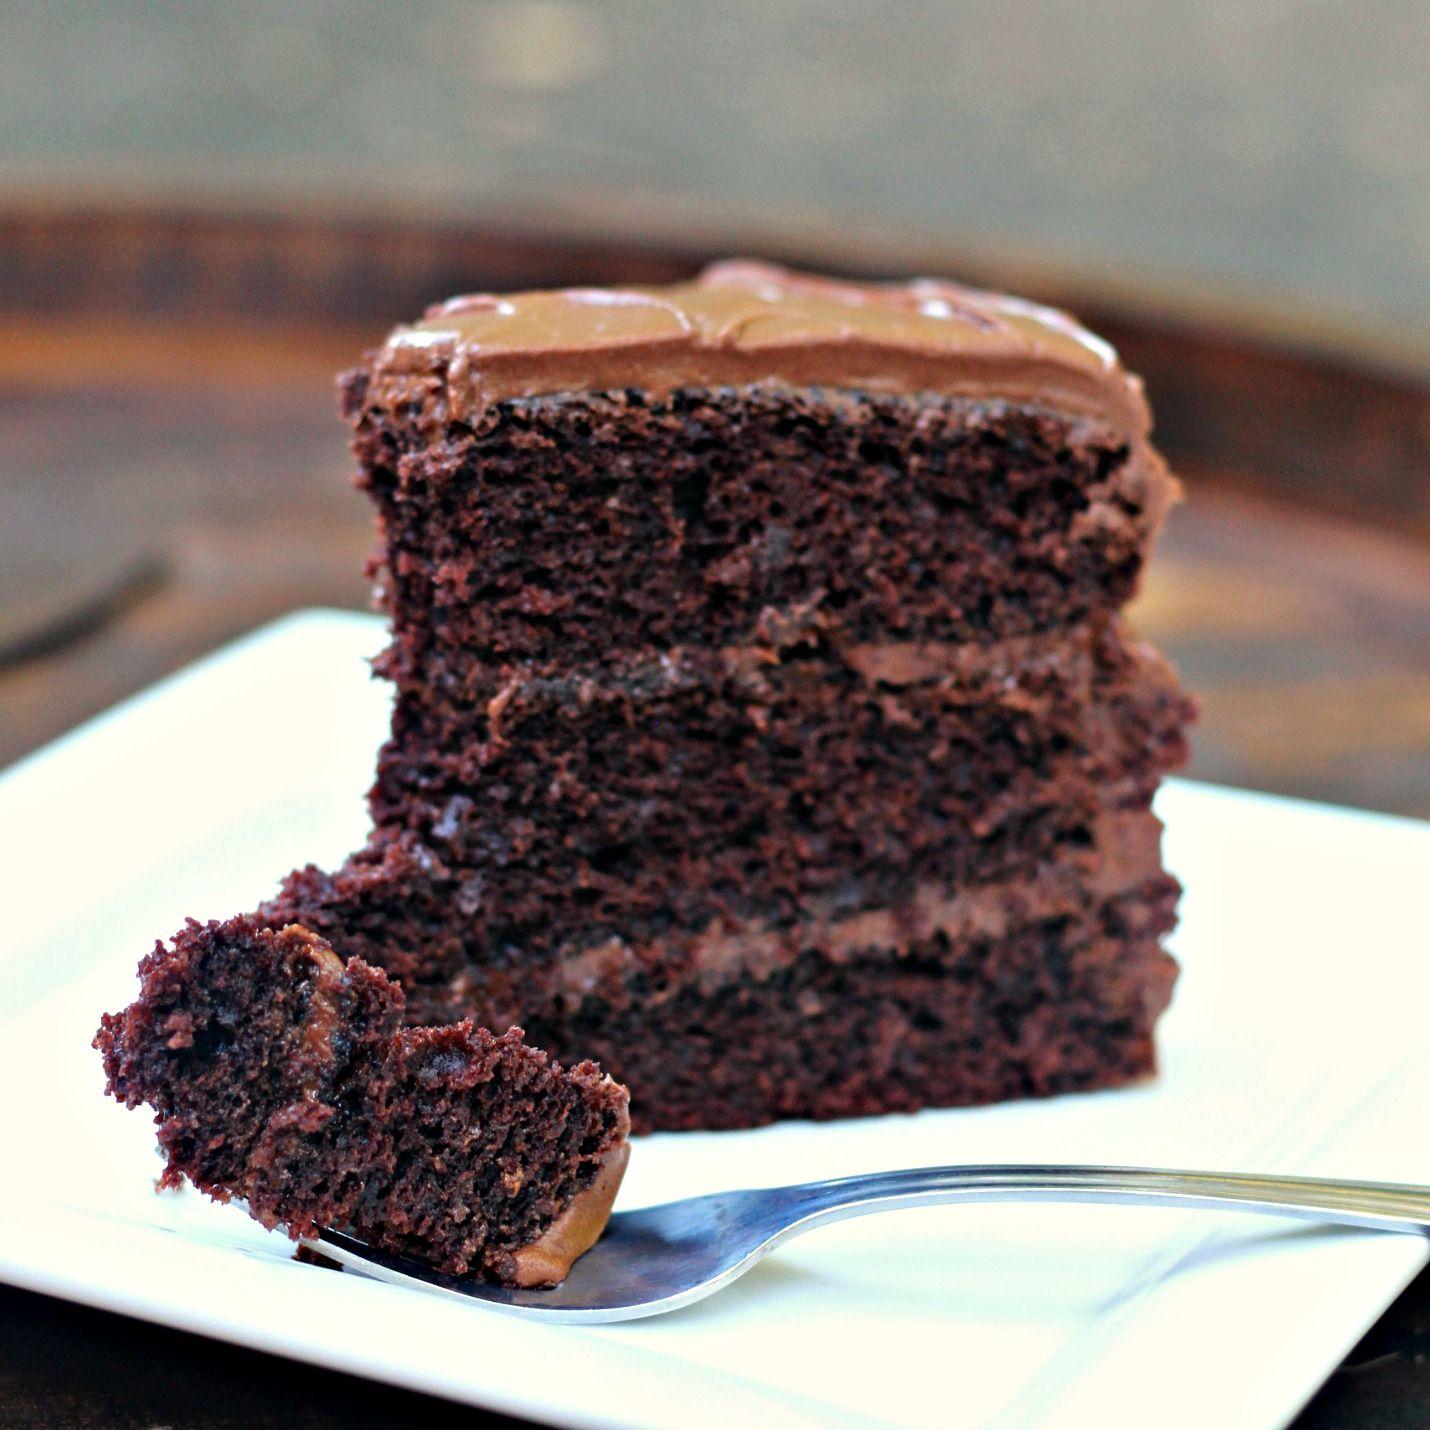 The Best Chocolate Cake Recipe Three Layer Chocolate Cake Chocolate Sour Cream Cake Amazing Chocolate Cake Recipe Chocolate Cake Recipe Best Chocolate Cake